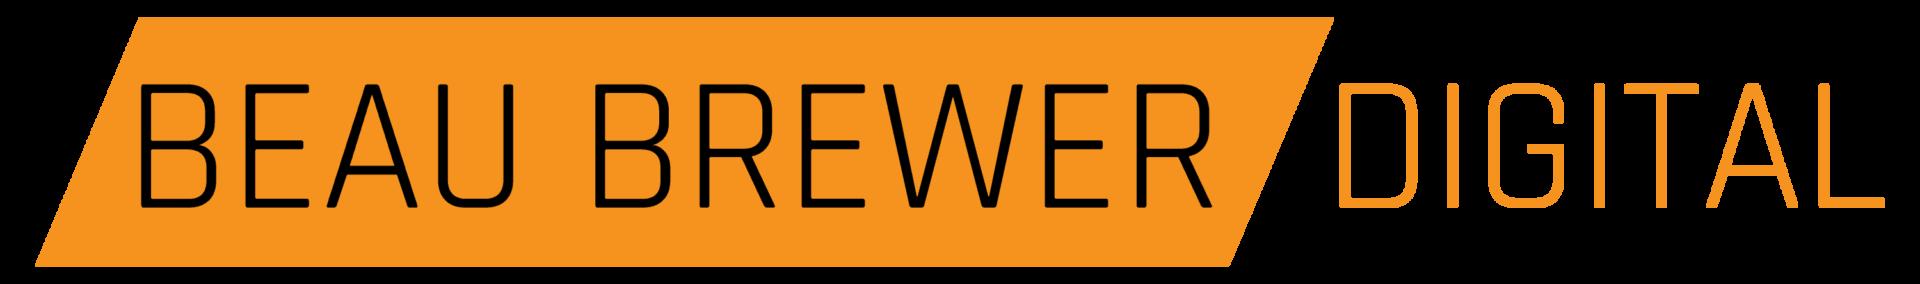 Beau Brewer Digital